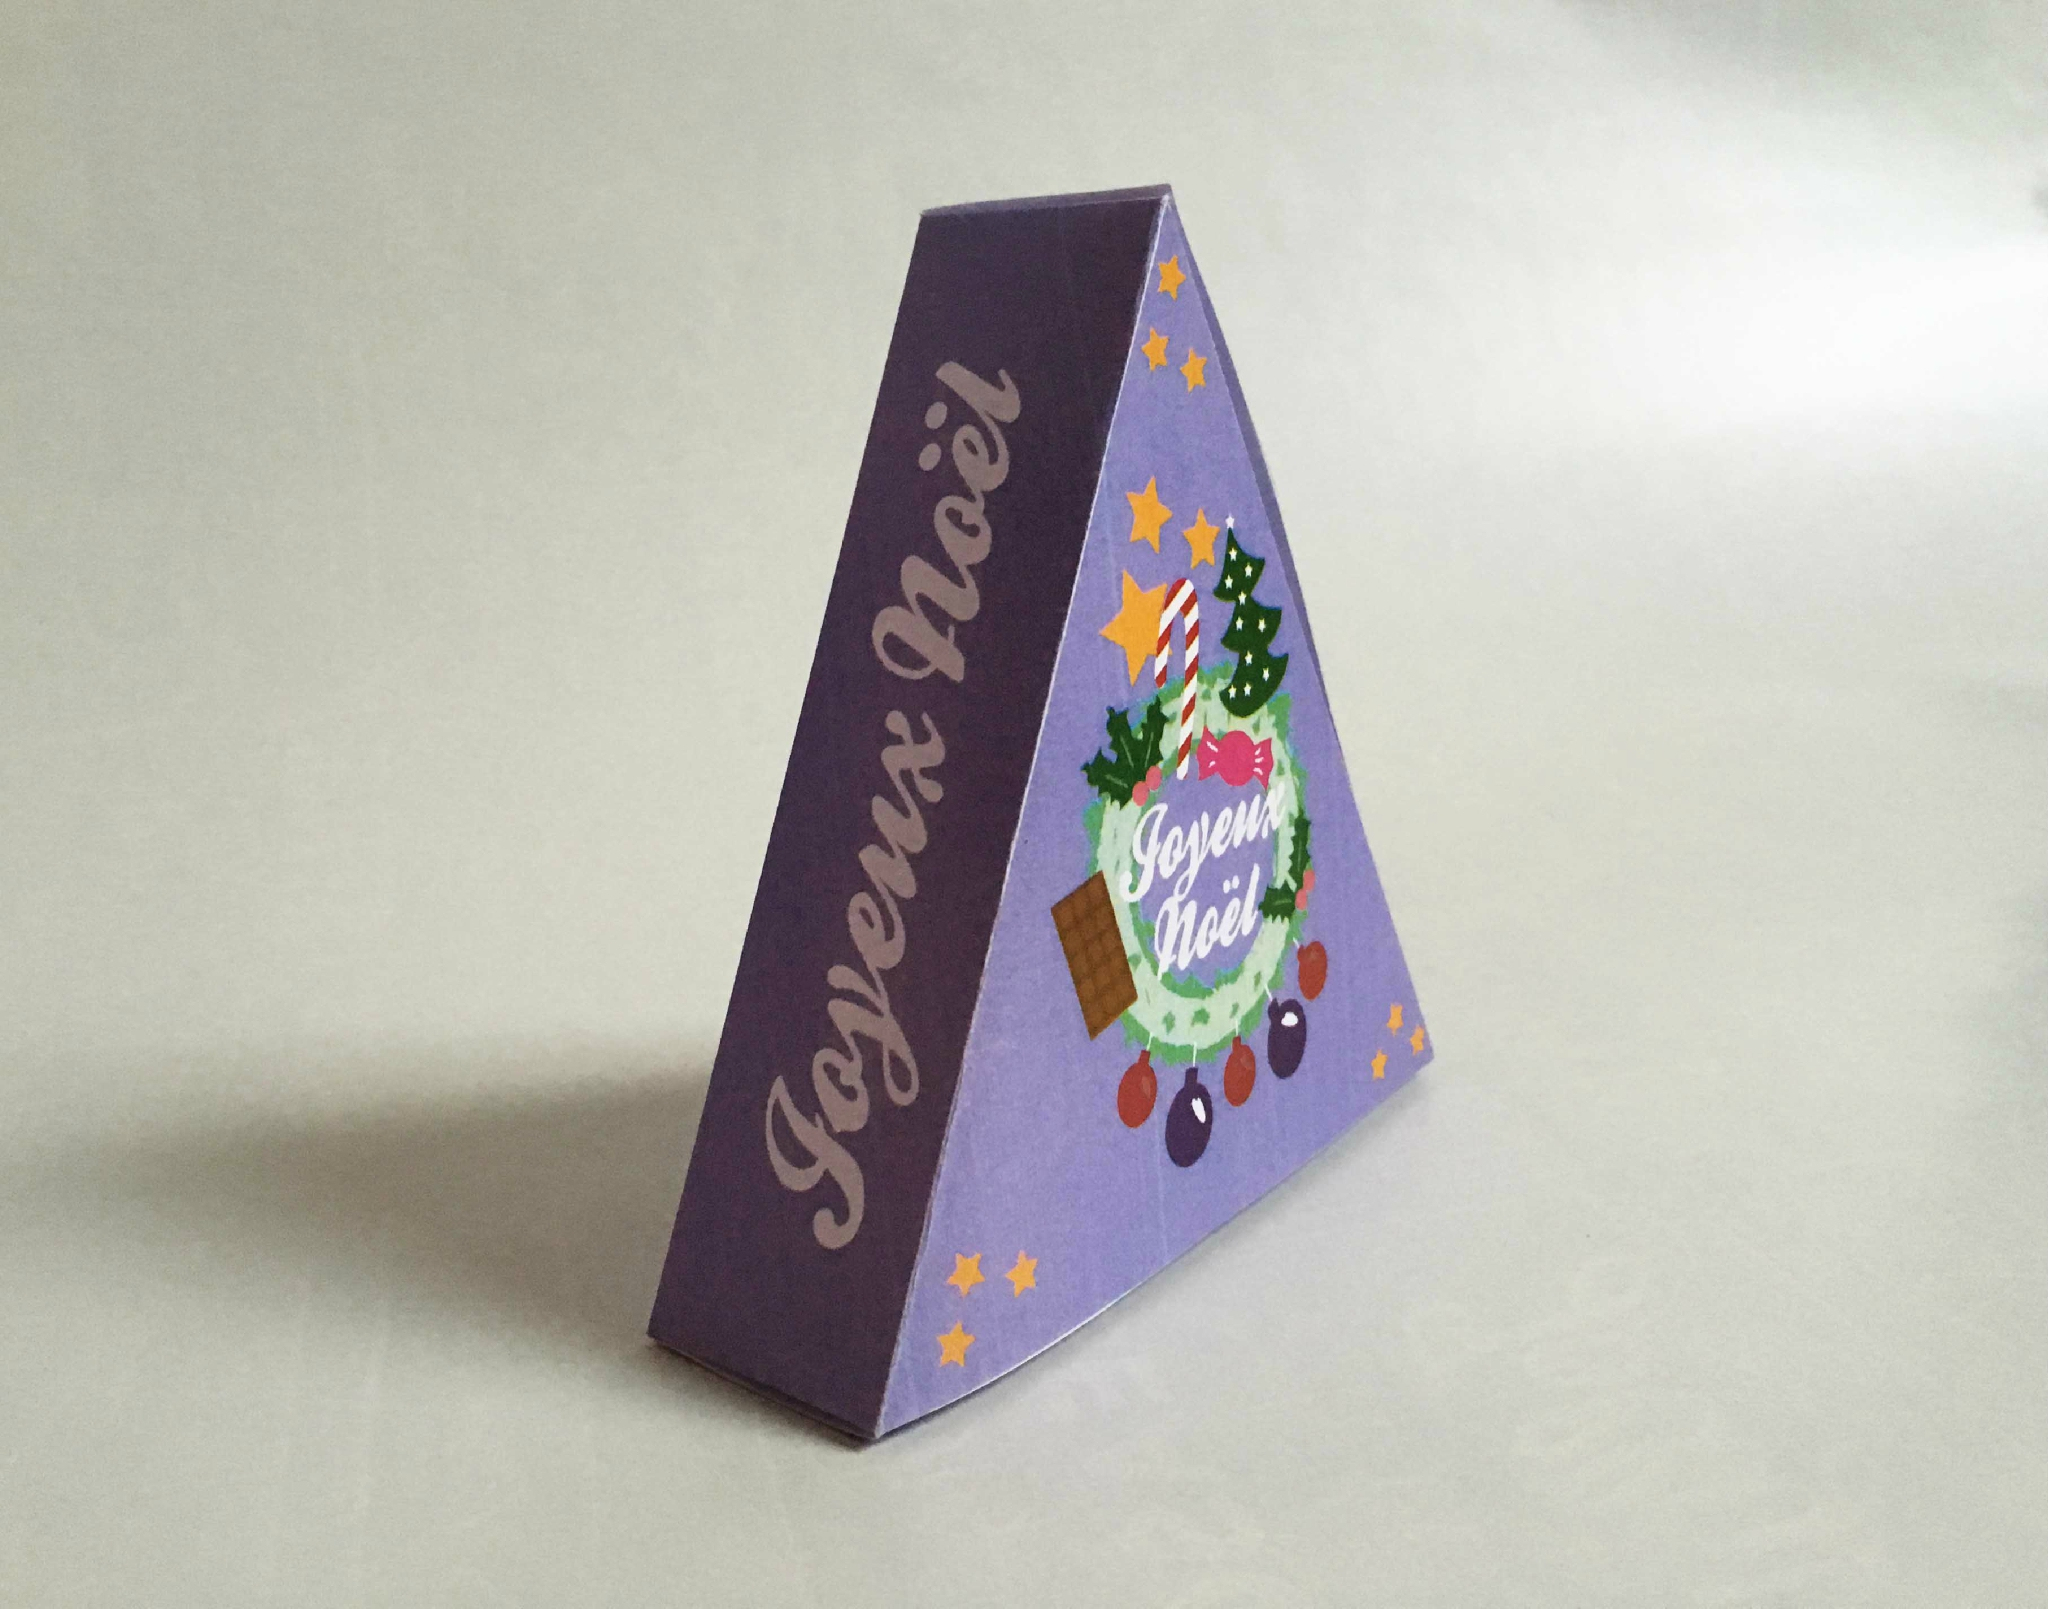 Diy De Noël : Une Boîte Cadeau À Imprimer - Alice & Sandra destiné Boite De Noel A Imprimer